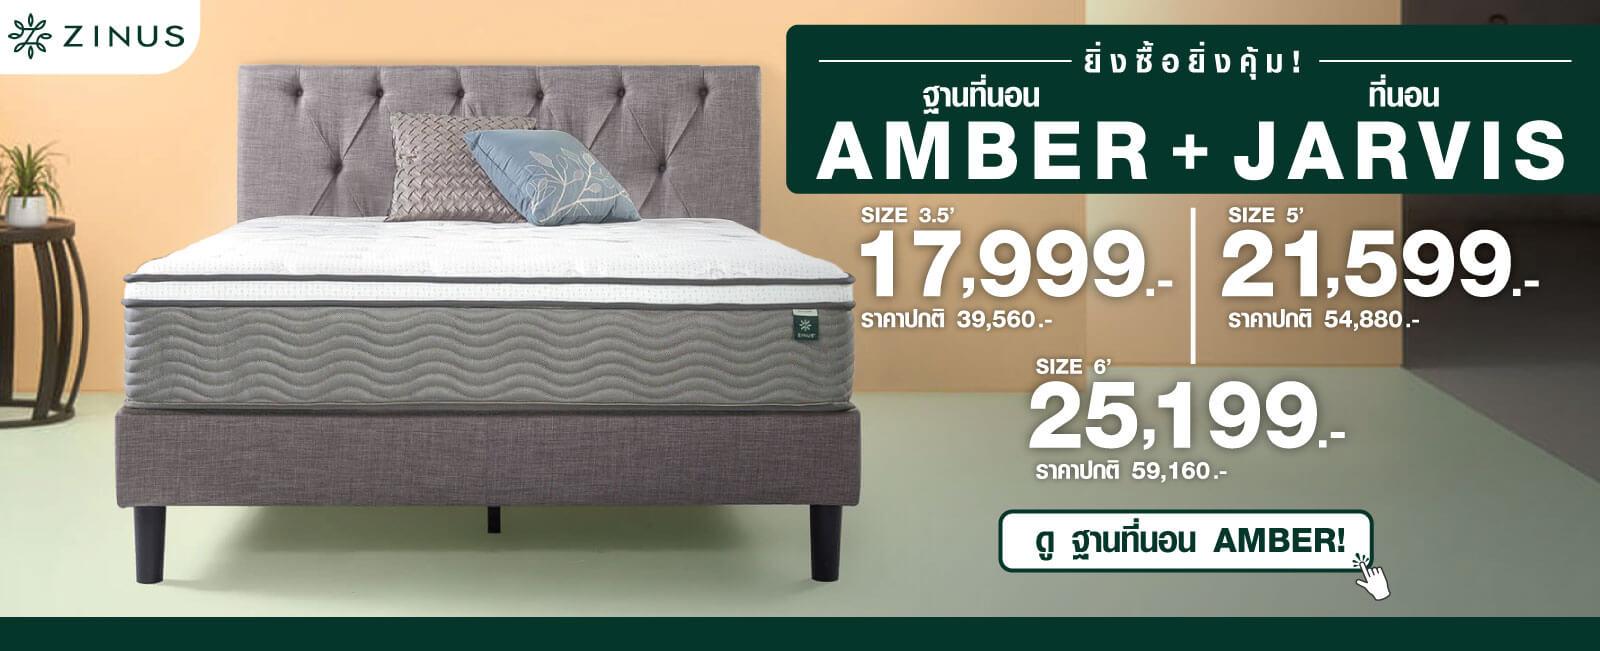 ที่นอนพ๊อกเก๊ตสปริง Zinus รุ่น JARVIS + Zinus AMBER Platform Bed